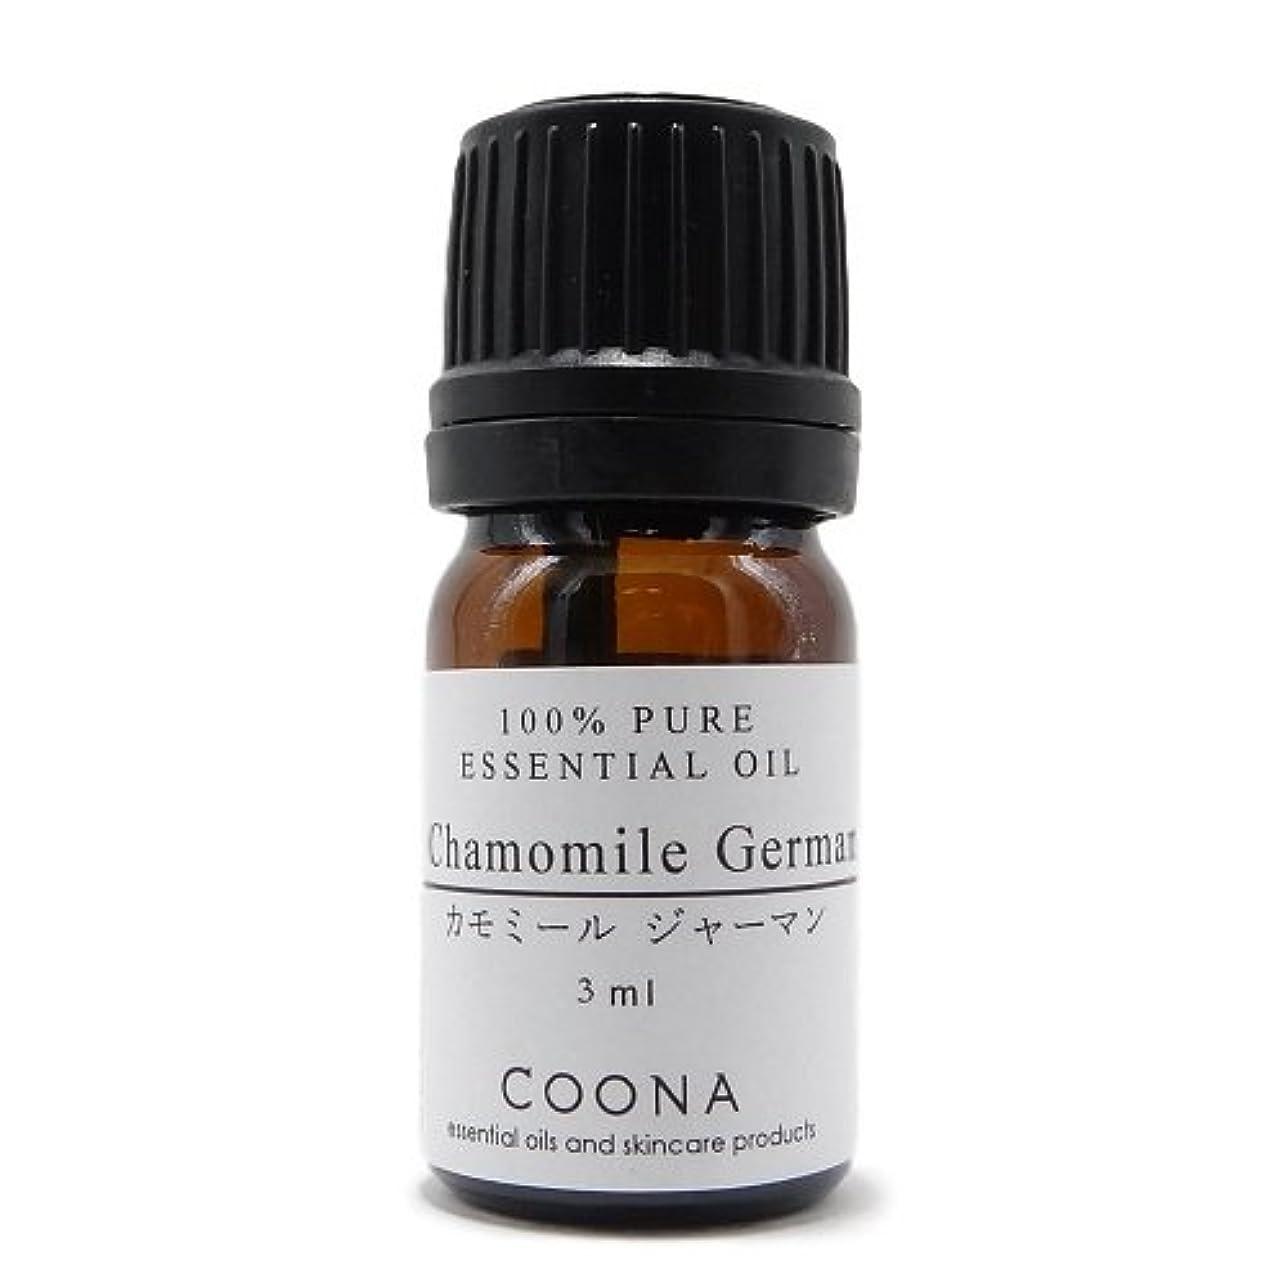 お酢尽きるメイエラカモミール ジャーマン 3 ml (COONA エッセンシャルオイル アロマオイル 100% 天然植物精油)